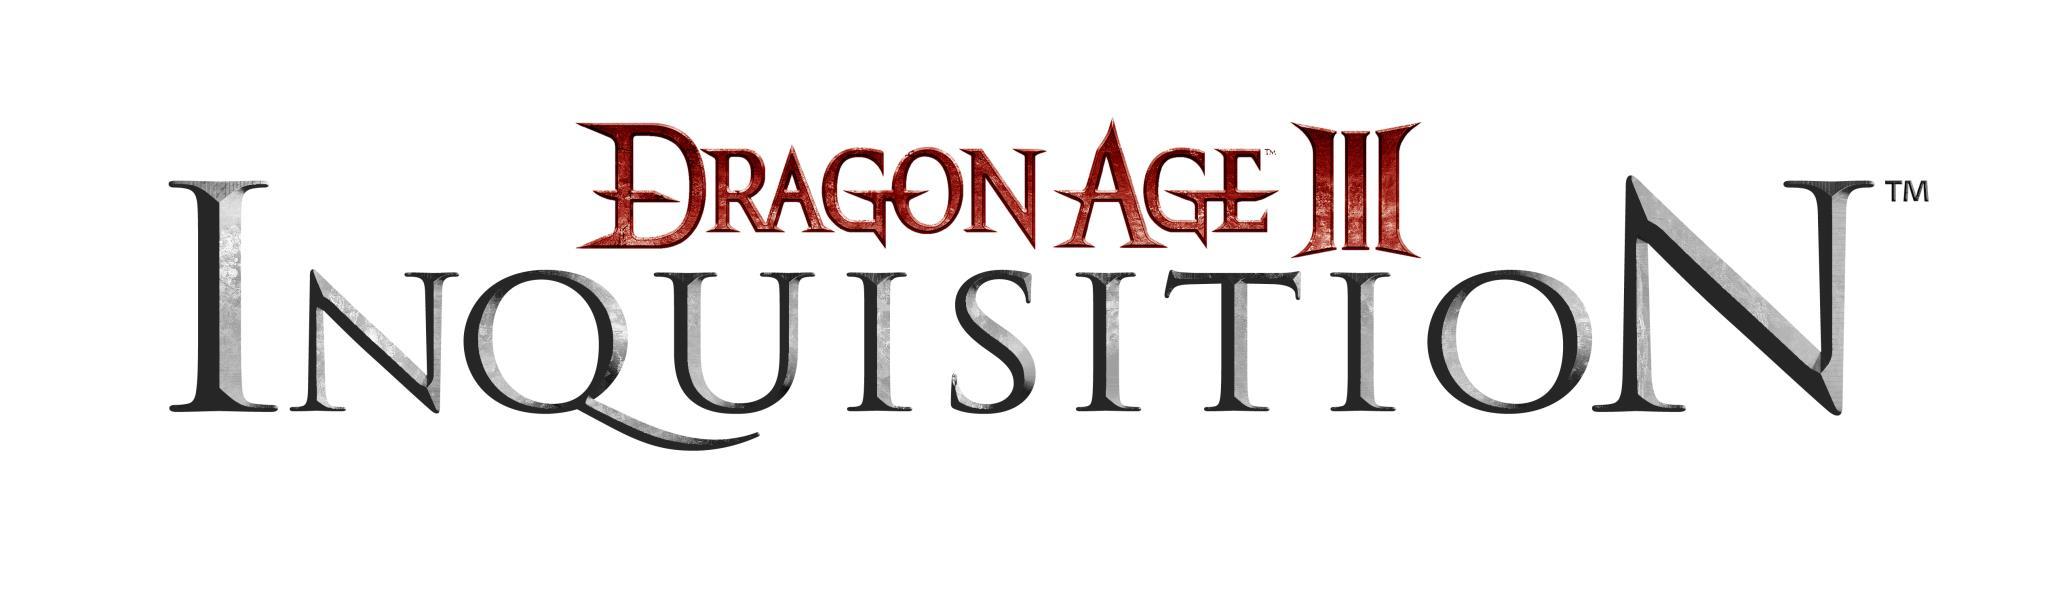 Dragon Age: Инквизиция Запись трансляции PC версии - Изображение 1